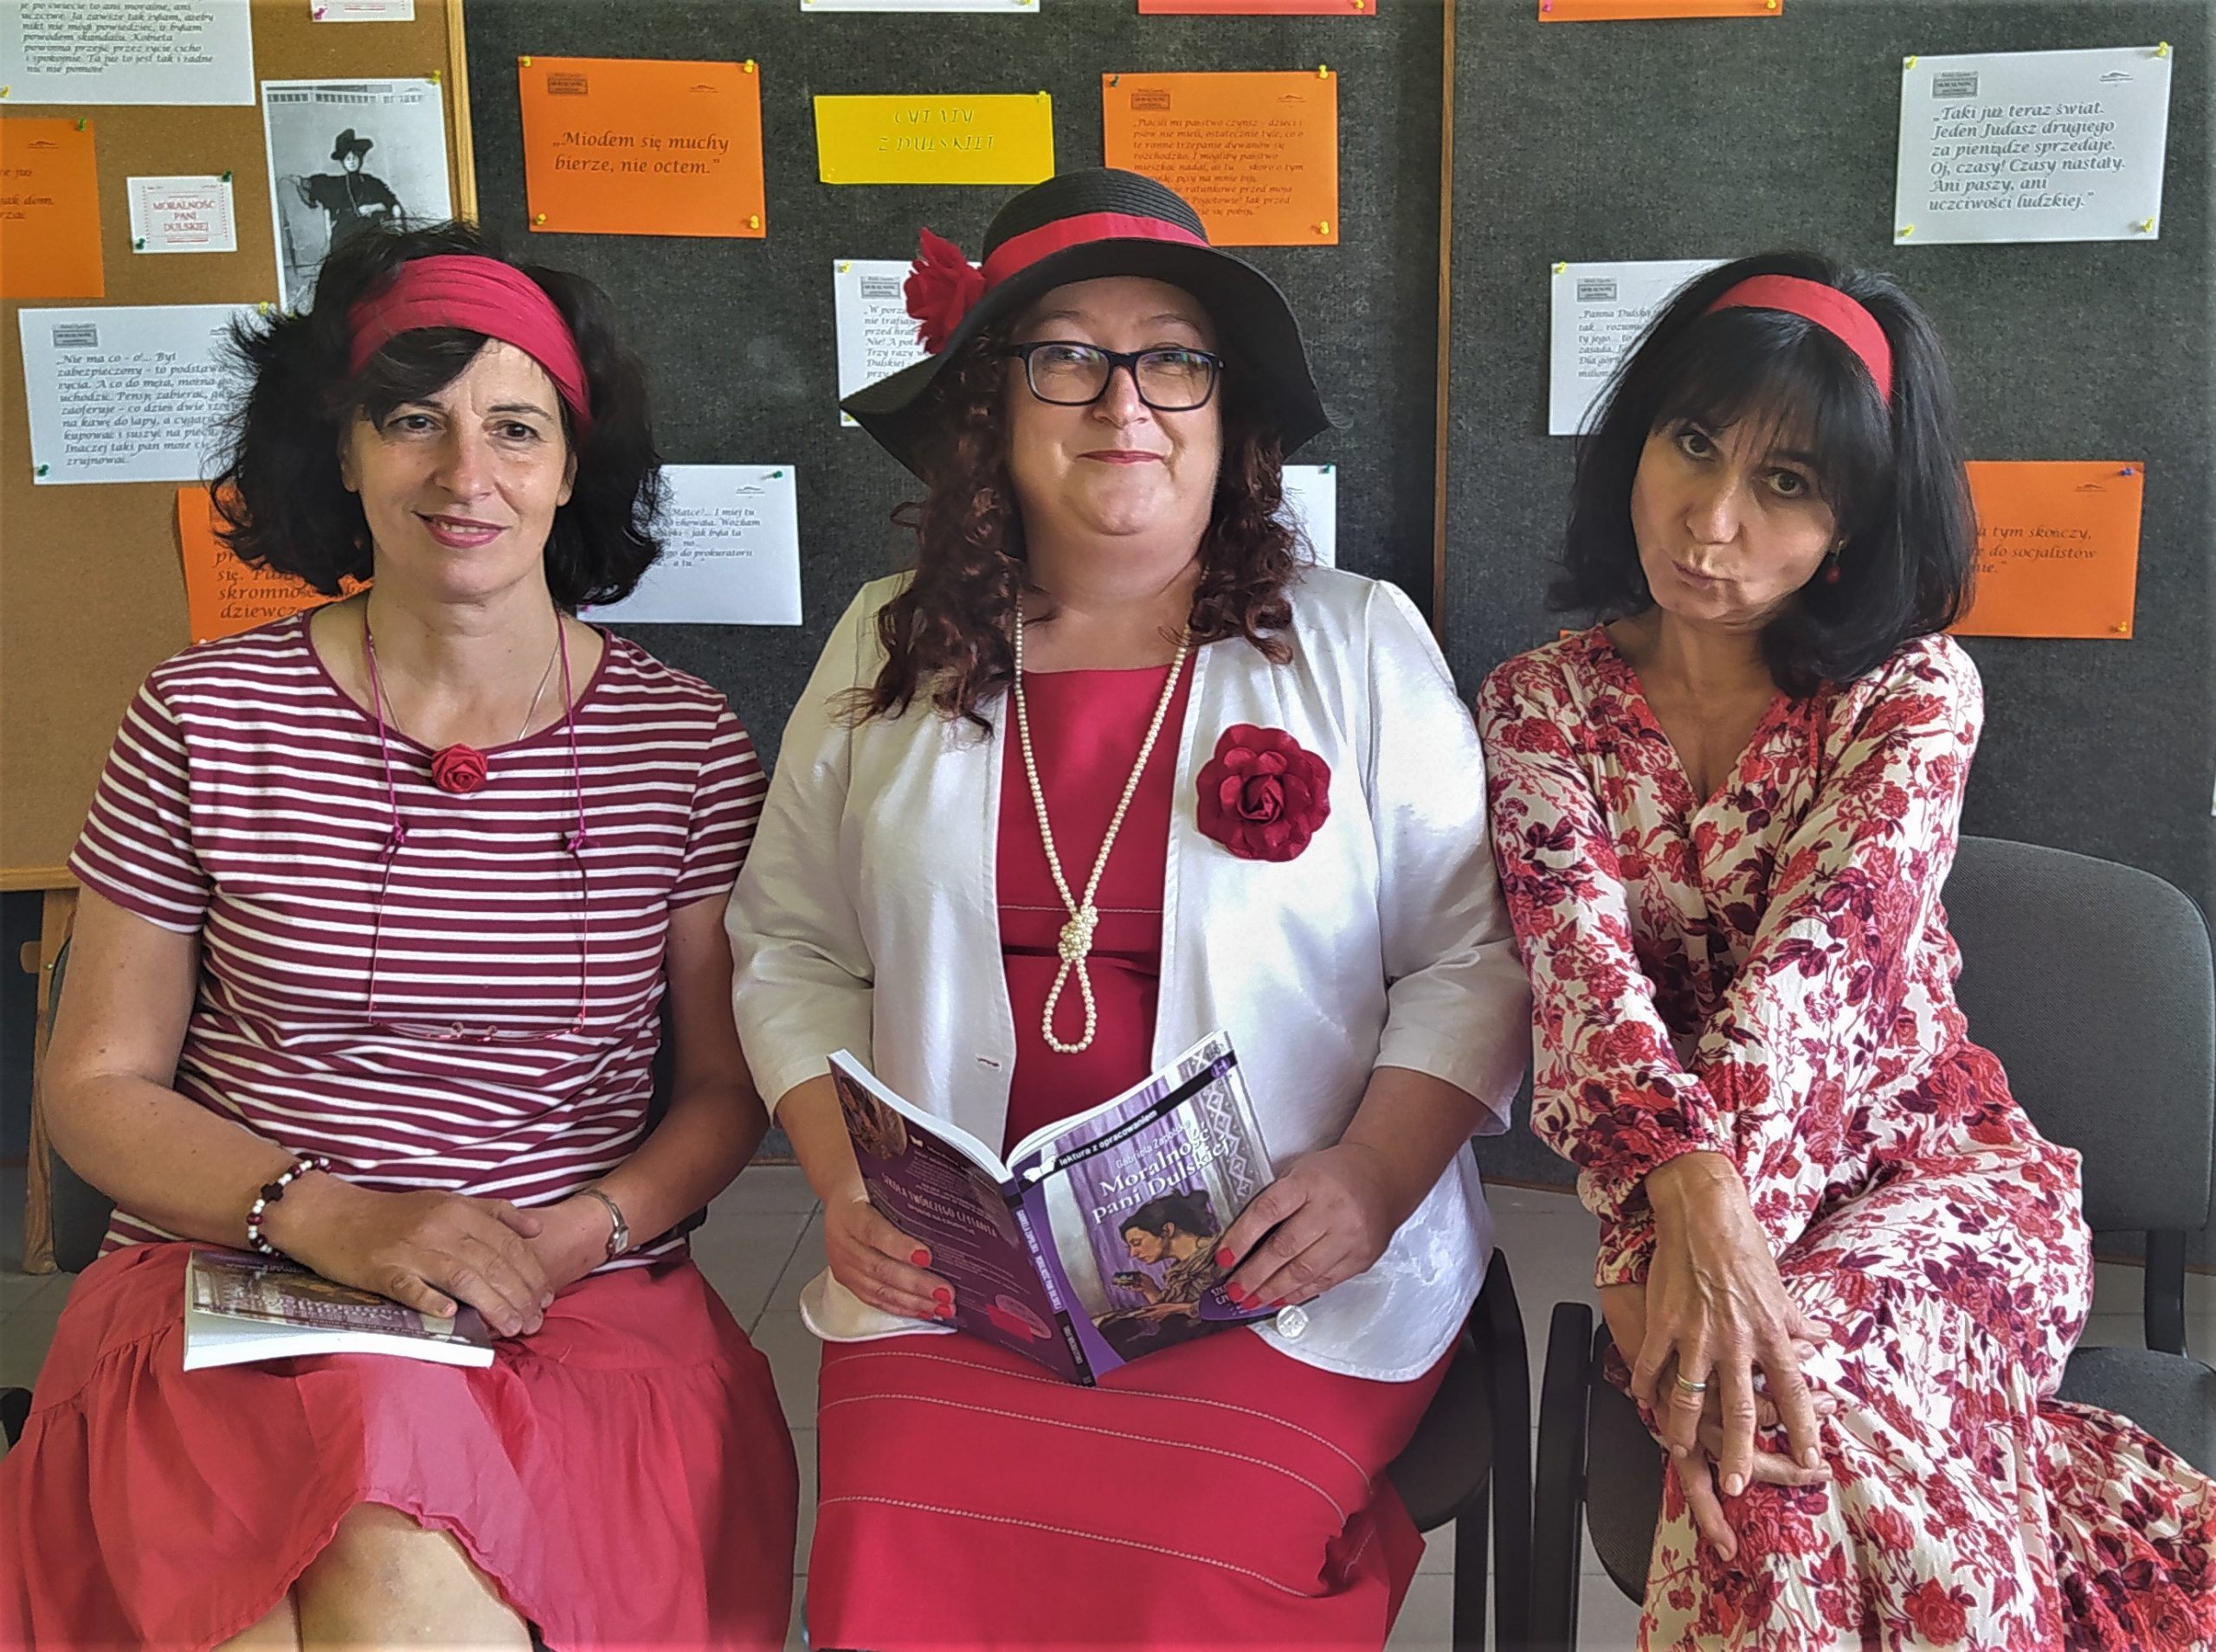 """Trzy kobiety ubrane w tonacji czerwieni i bieli. Środkowa postać w kapeluszu i z otwartym egzemplarzem książki """"Moralność pani Dulskiej""""."""